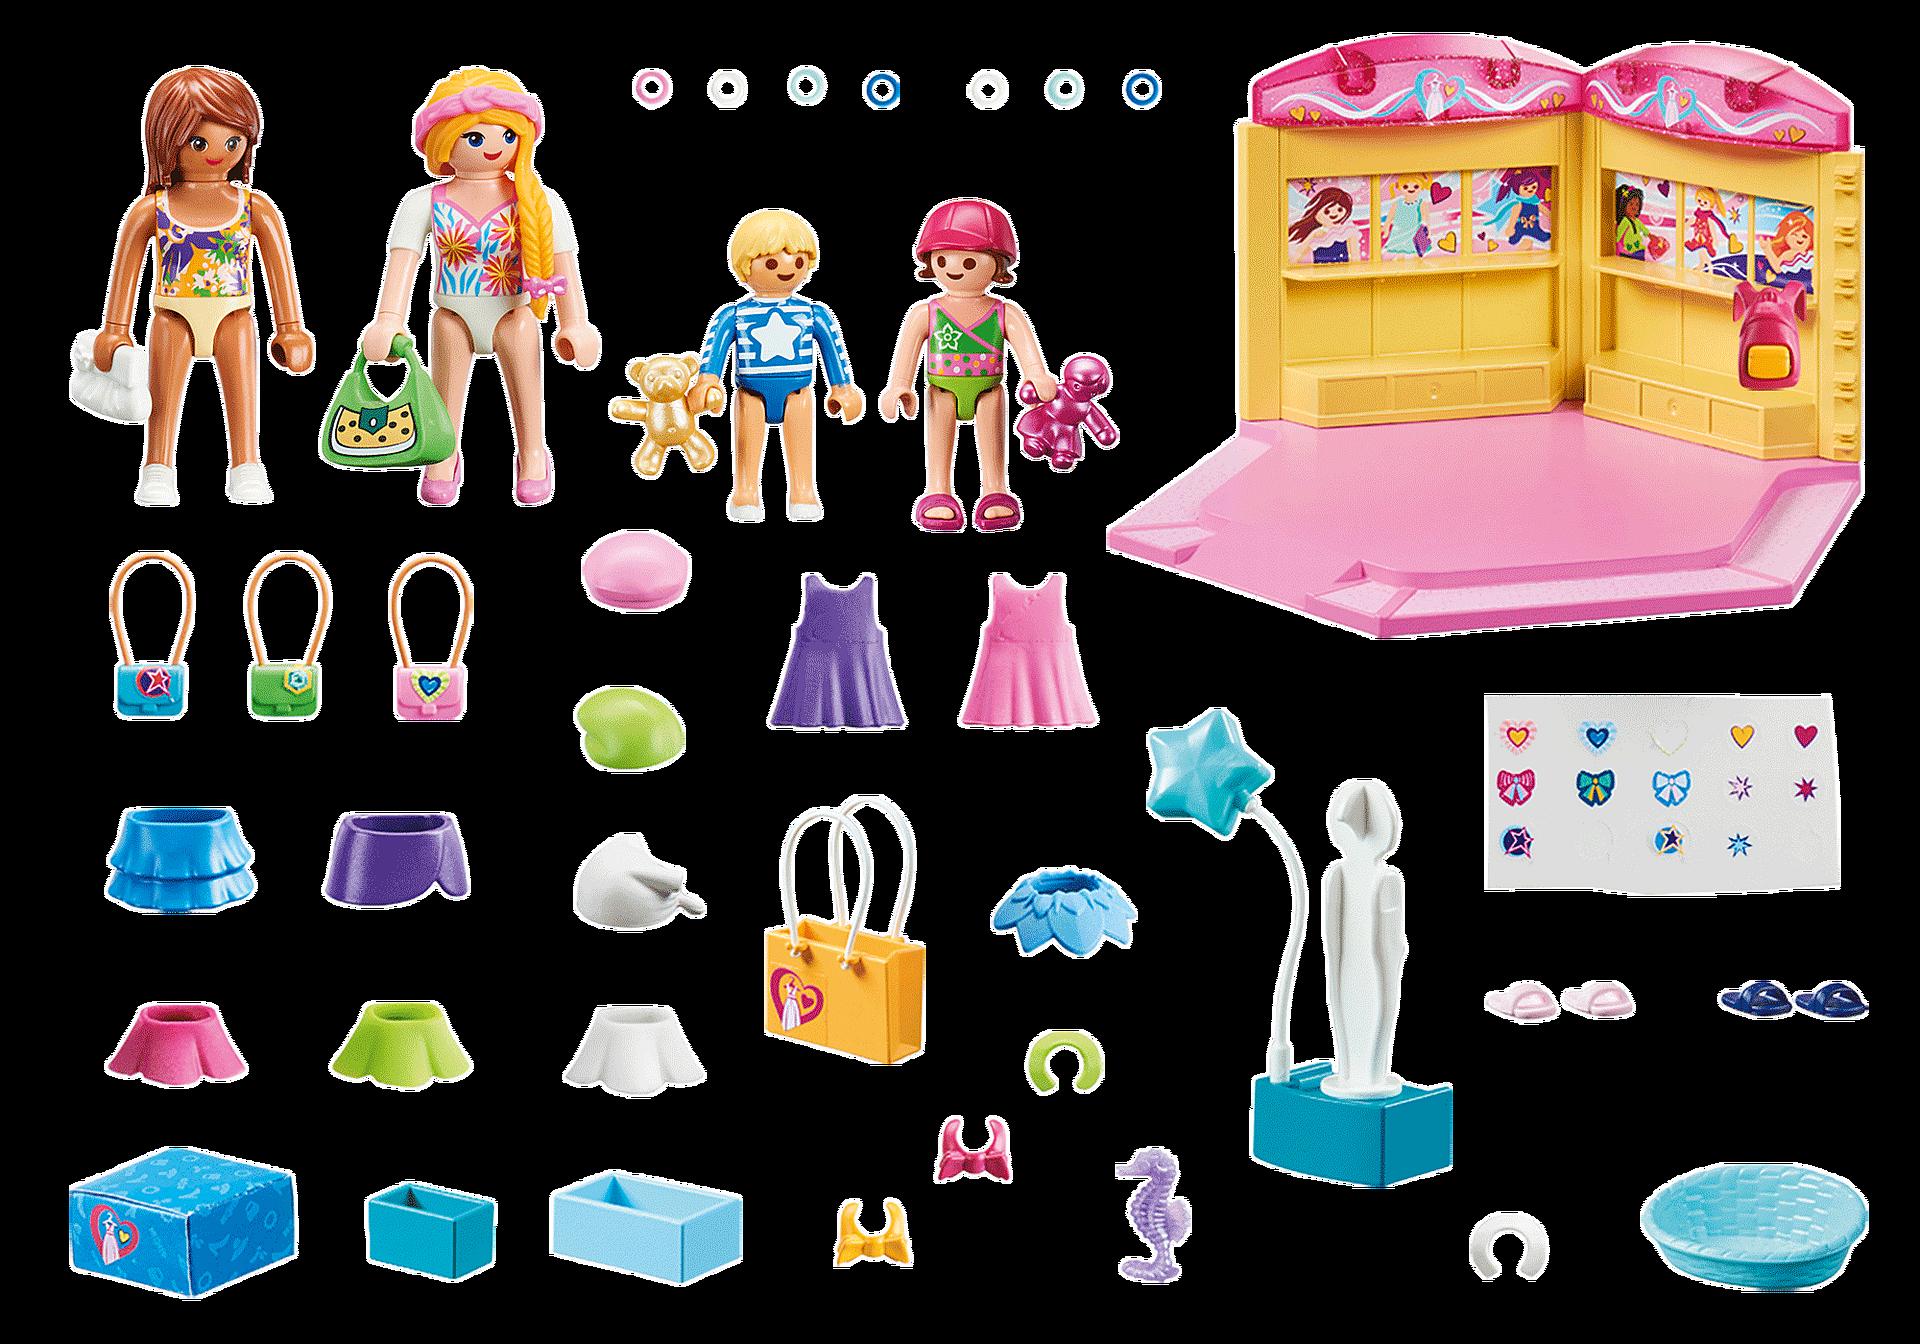 70592 Boutique de mode pour enfants  zoom image3